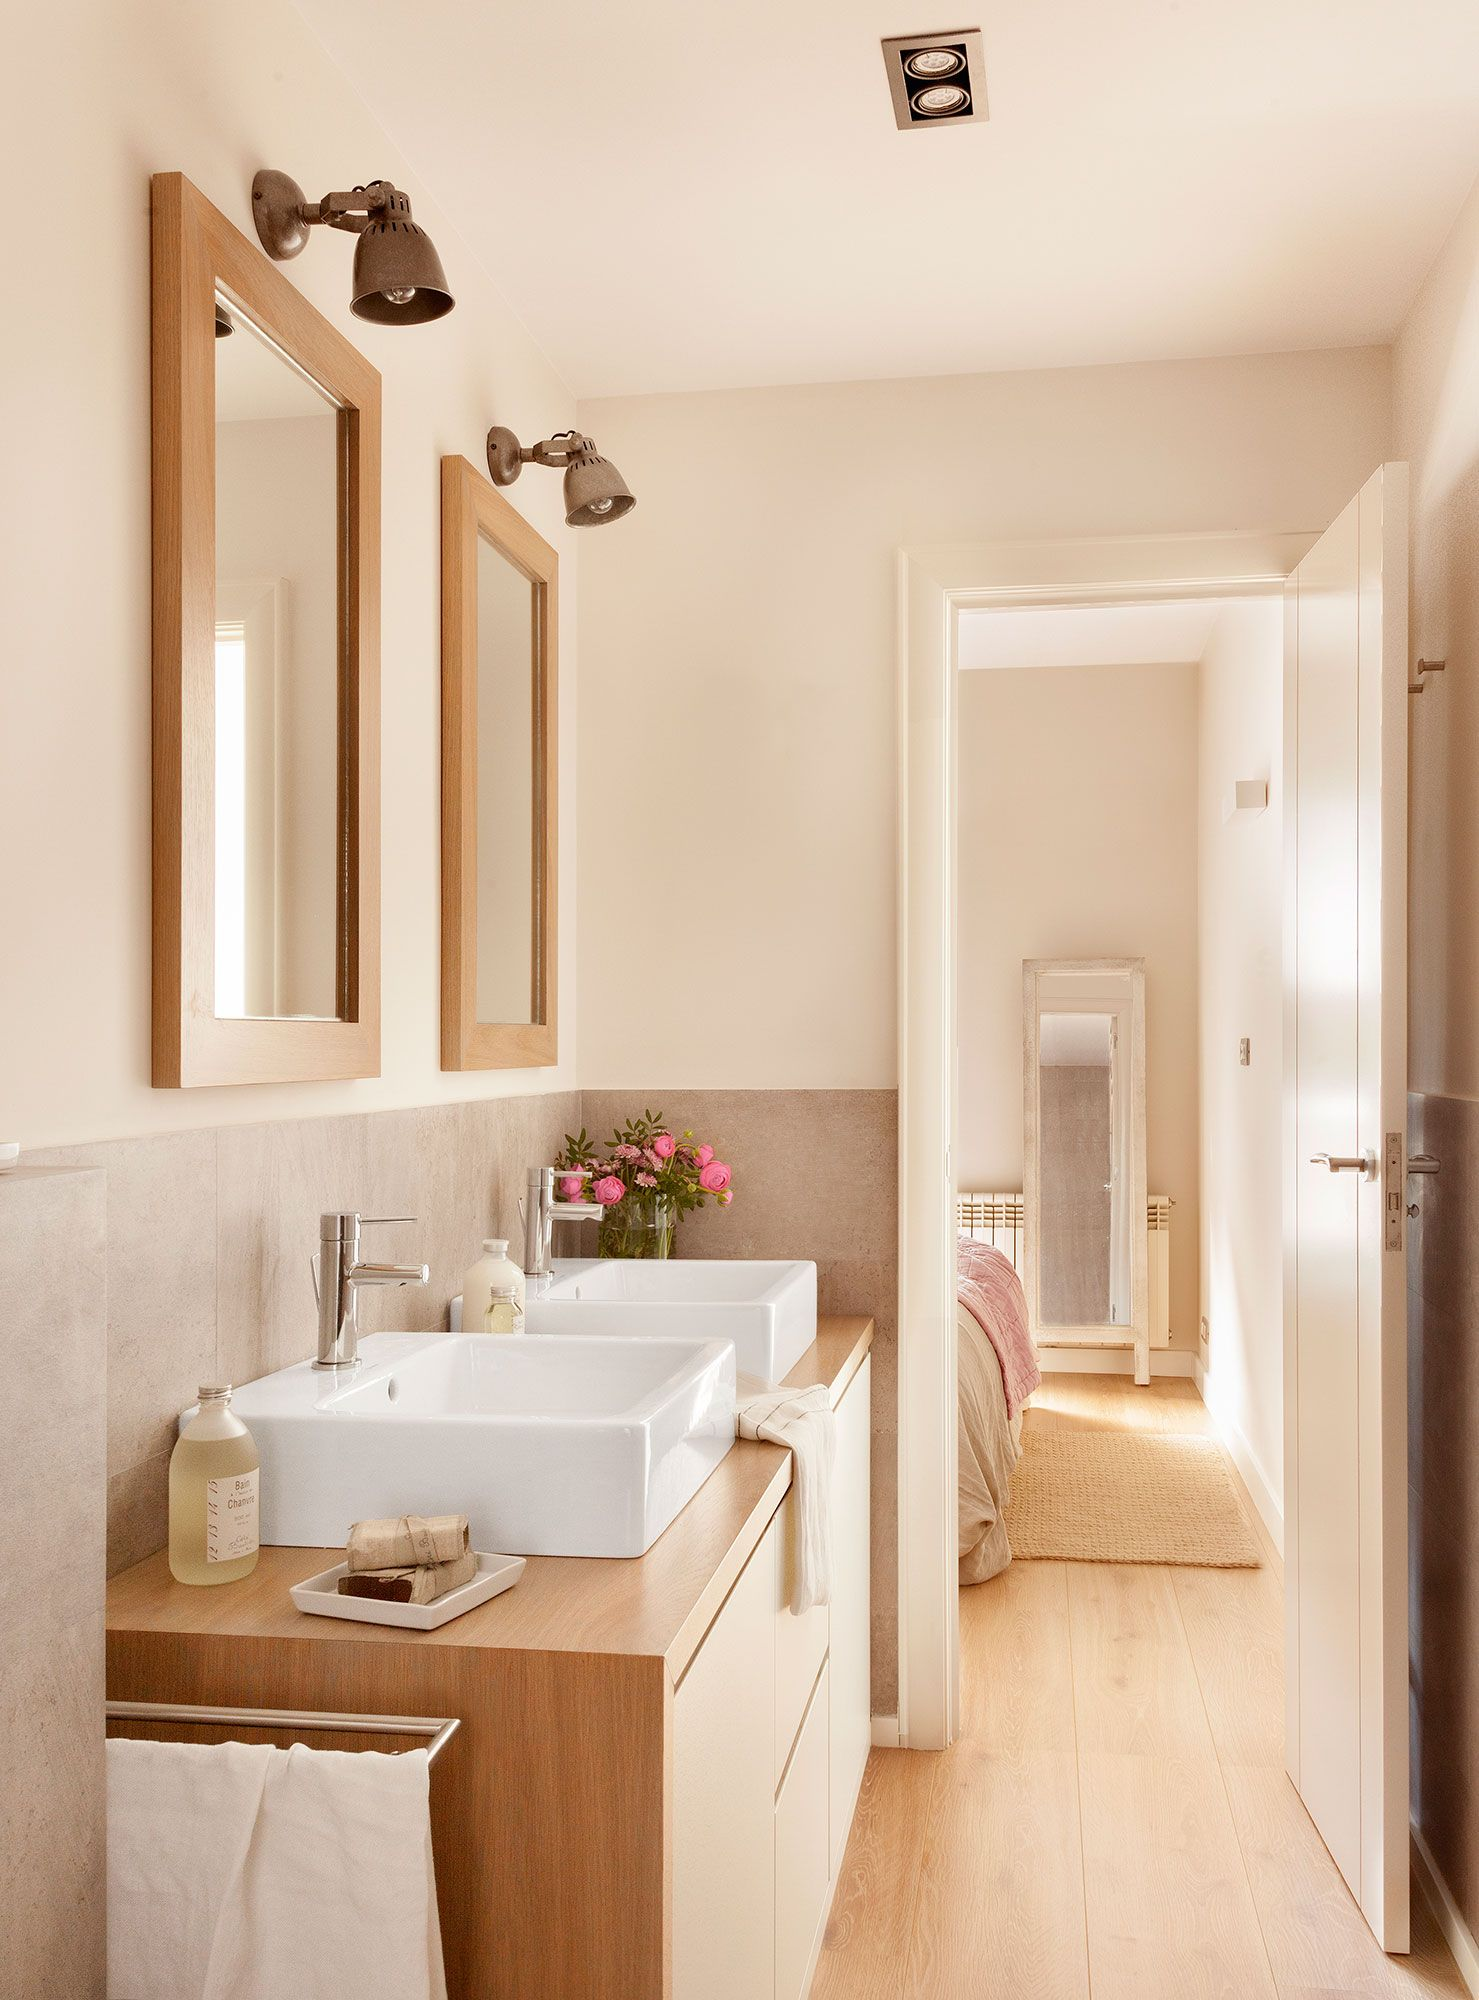 Ba o con dos lavamanos y dos espejos y mueble volado - Espejo para habitacion ...